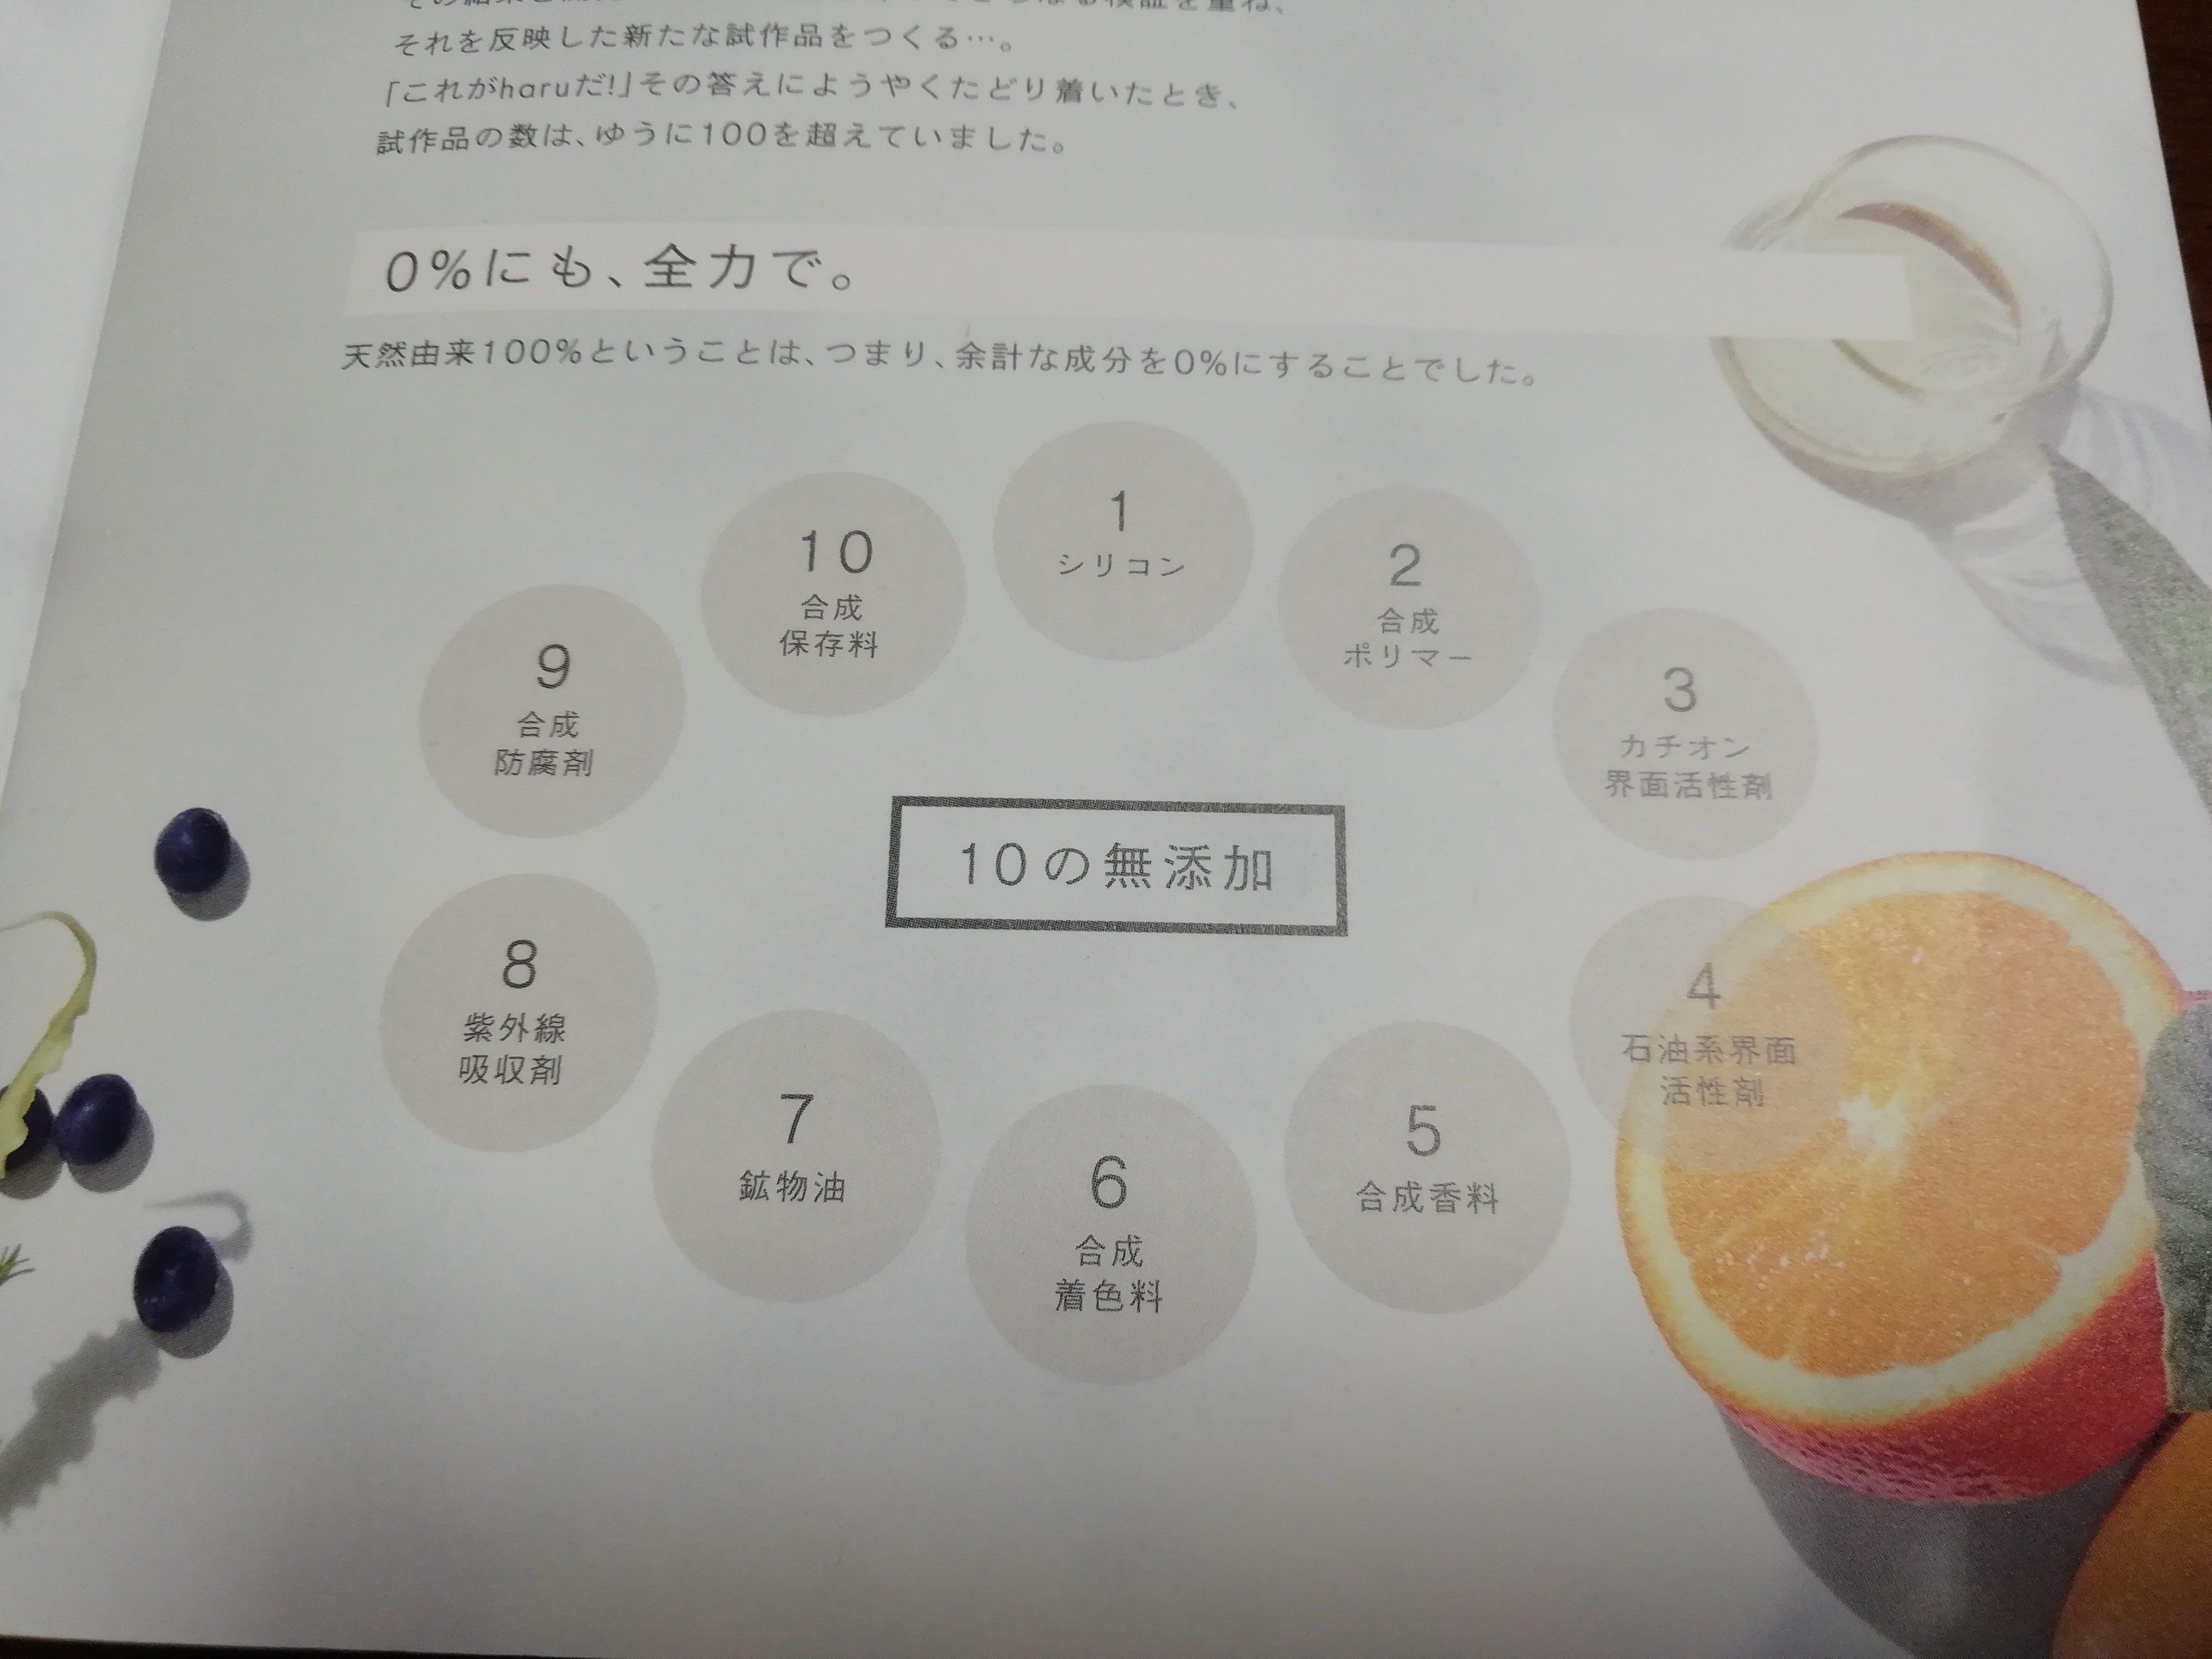 haru kurokamiスカルプ 10の無添加